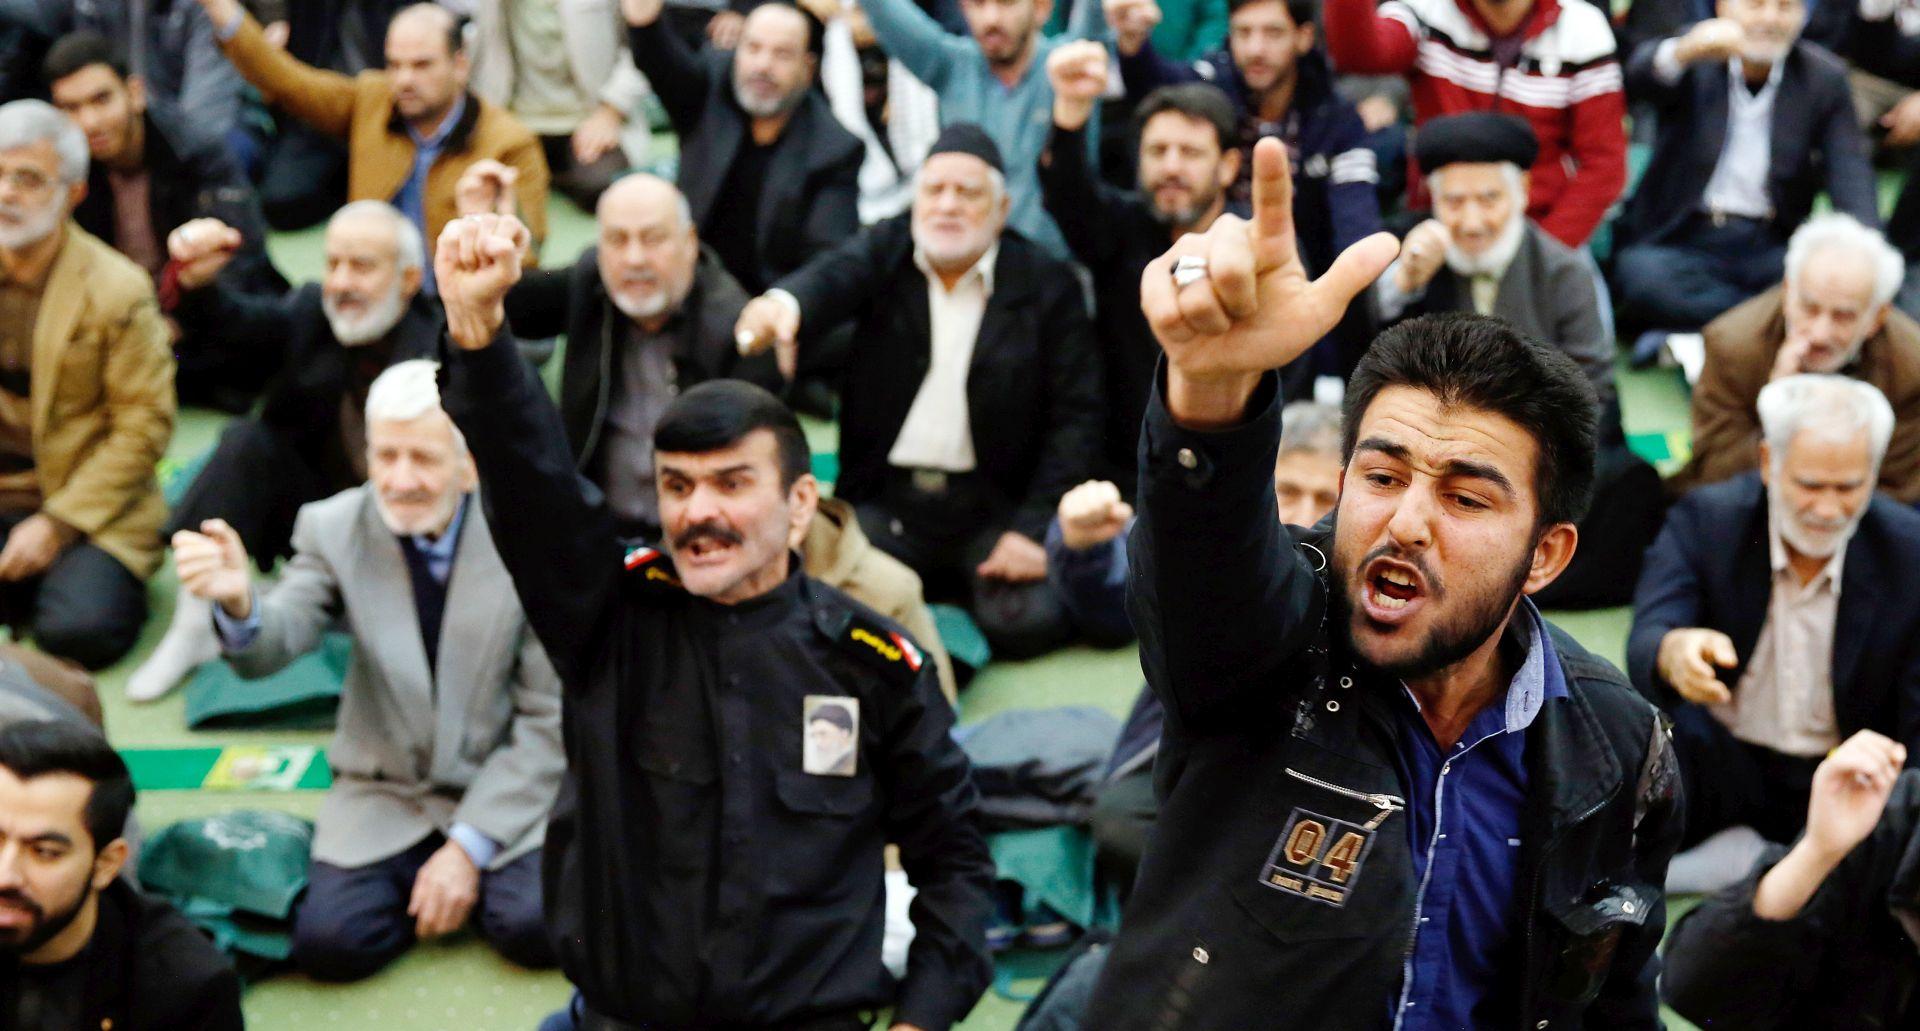 Iranski Čuvari revolucije kažu da su suzbili pobunu